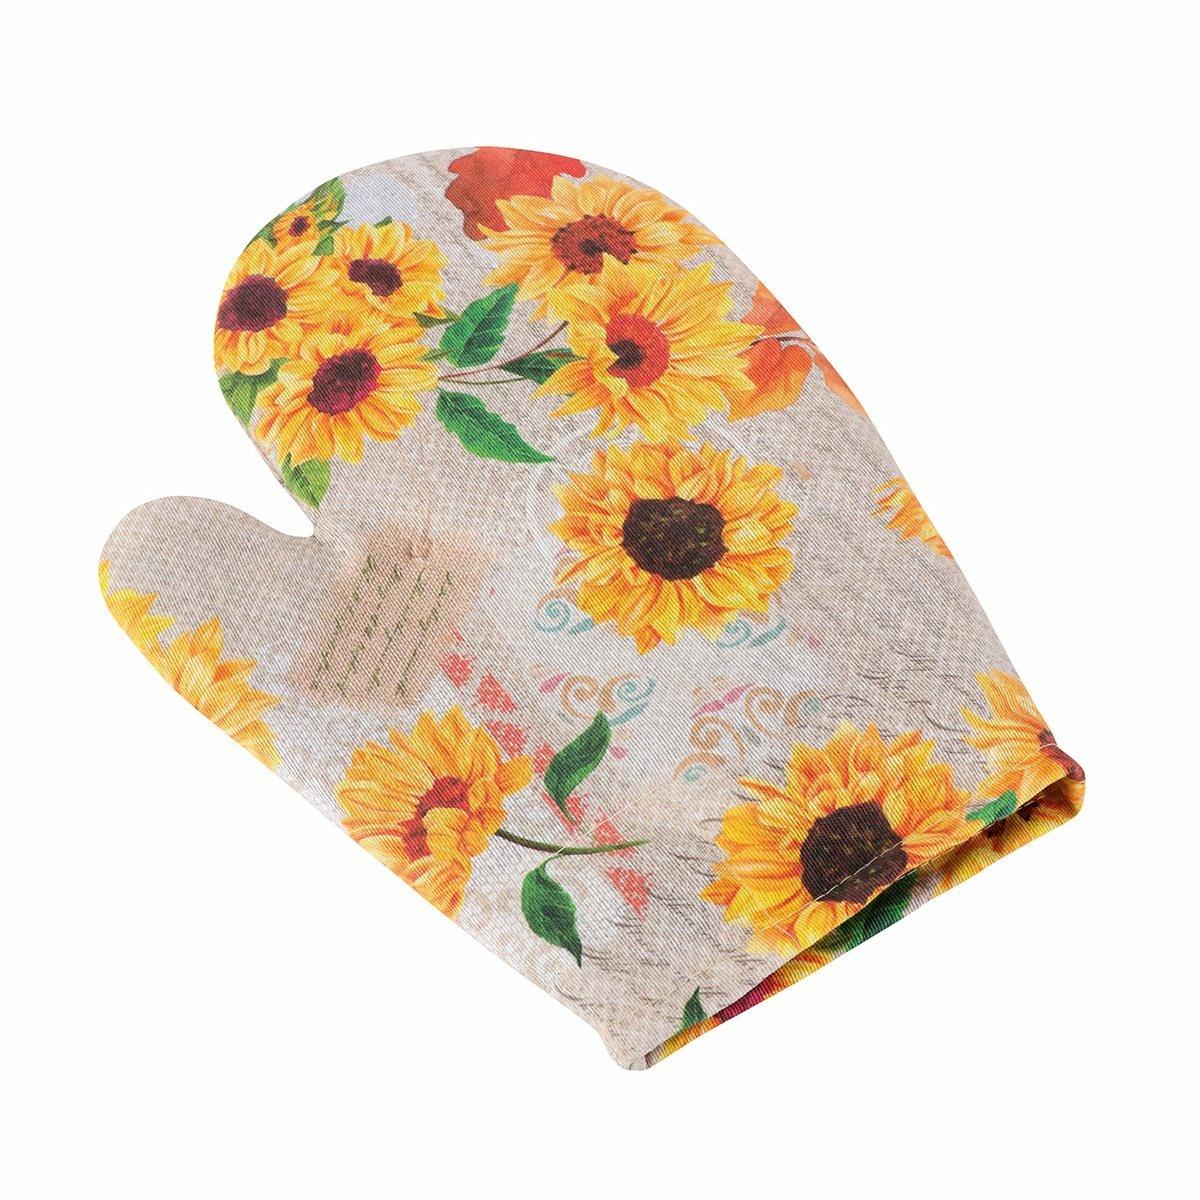 Mănușă Bellatex Ema Floarea soarelui, 28 x 18 cm imagine 2021 e4home.ro